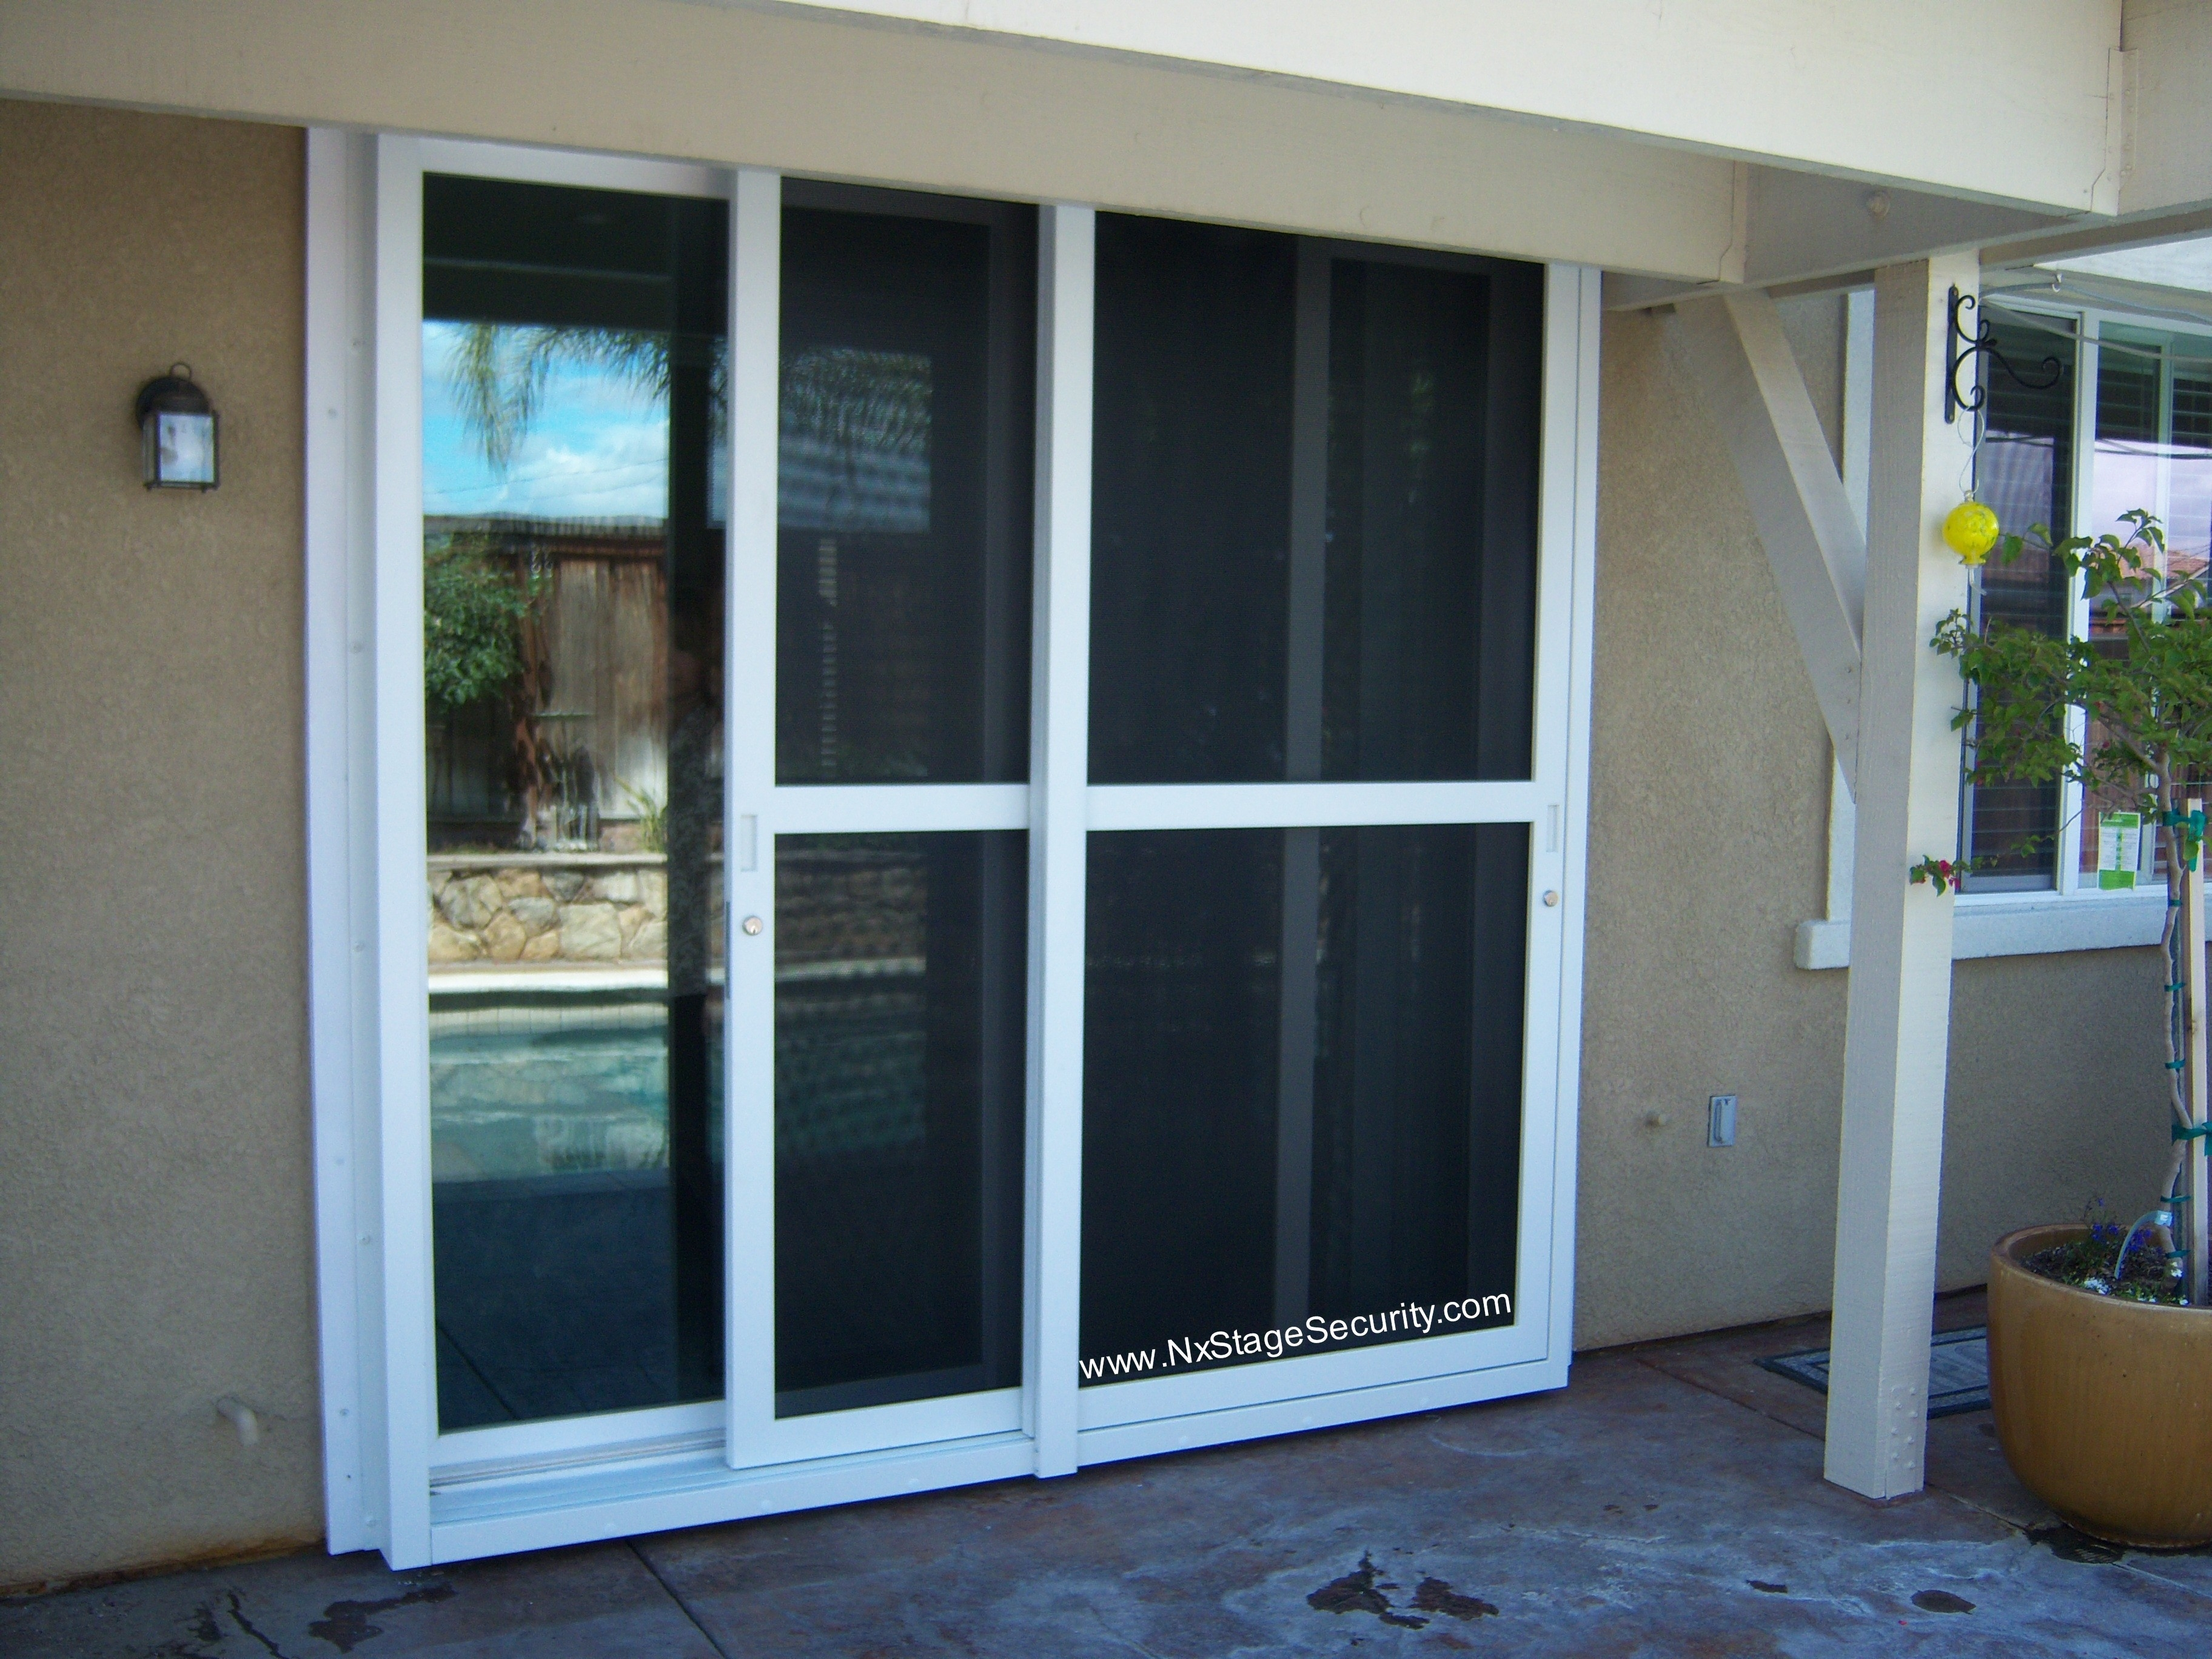 Sliding glass screen doors saudireiki security screen door for sliding glass doors eventelaan Image collections